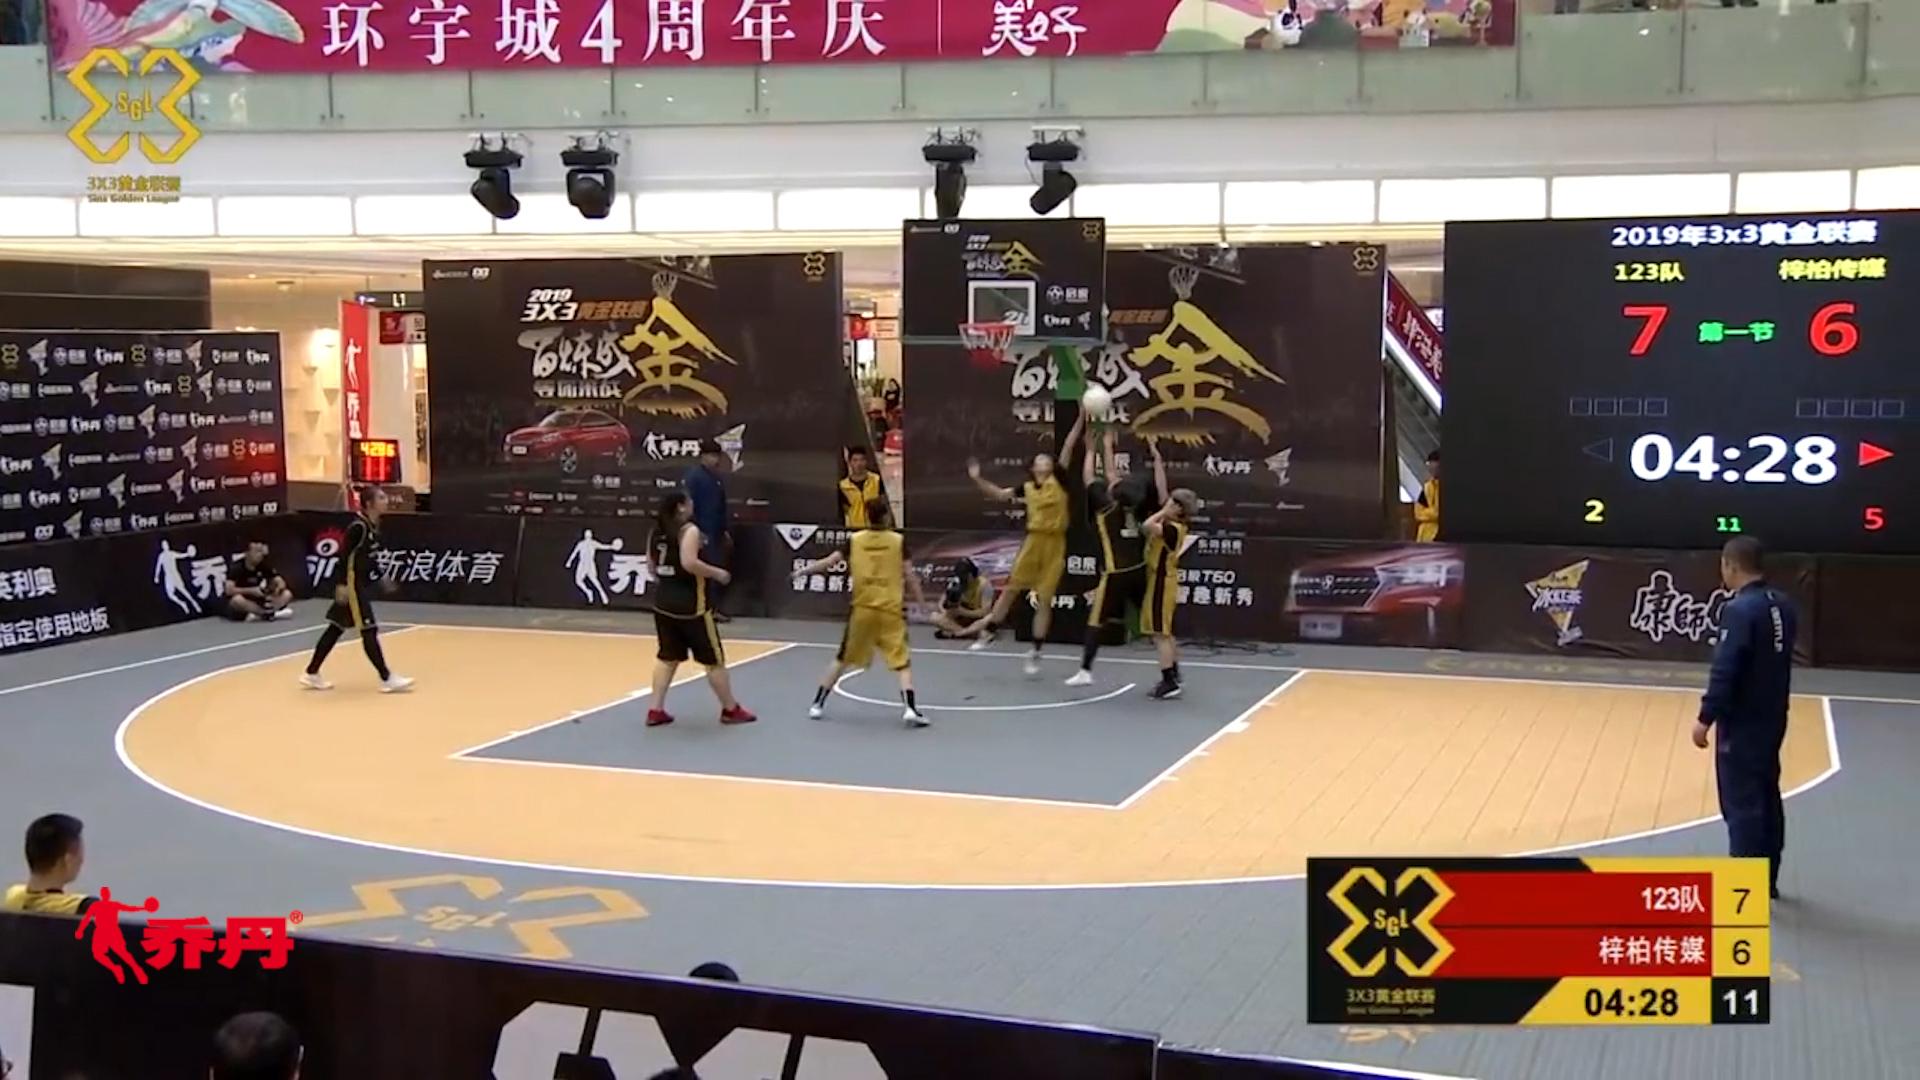 视频-女篮也血腥!123队中锋补防 单手扇飞对手上篮